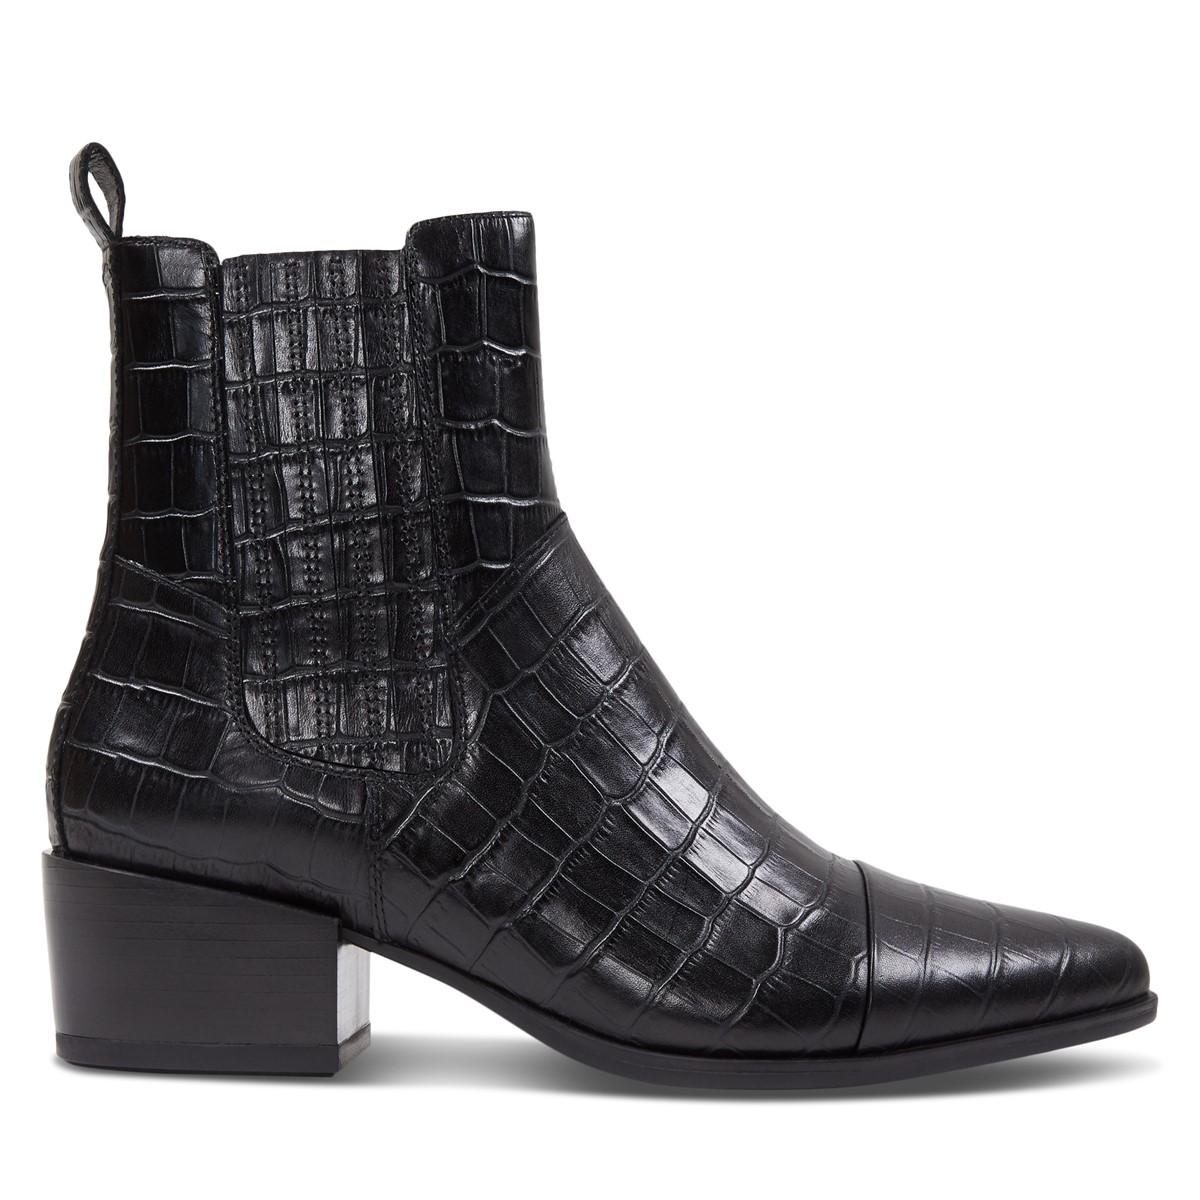 Women's Marja Toe Chelsea Boots in Black